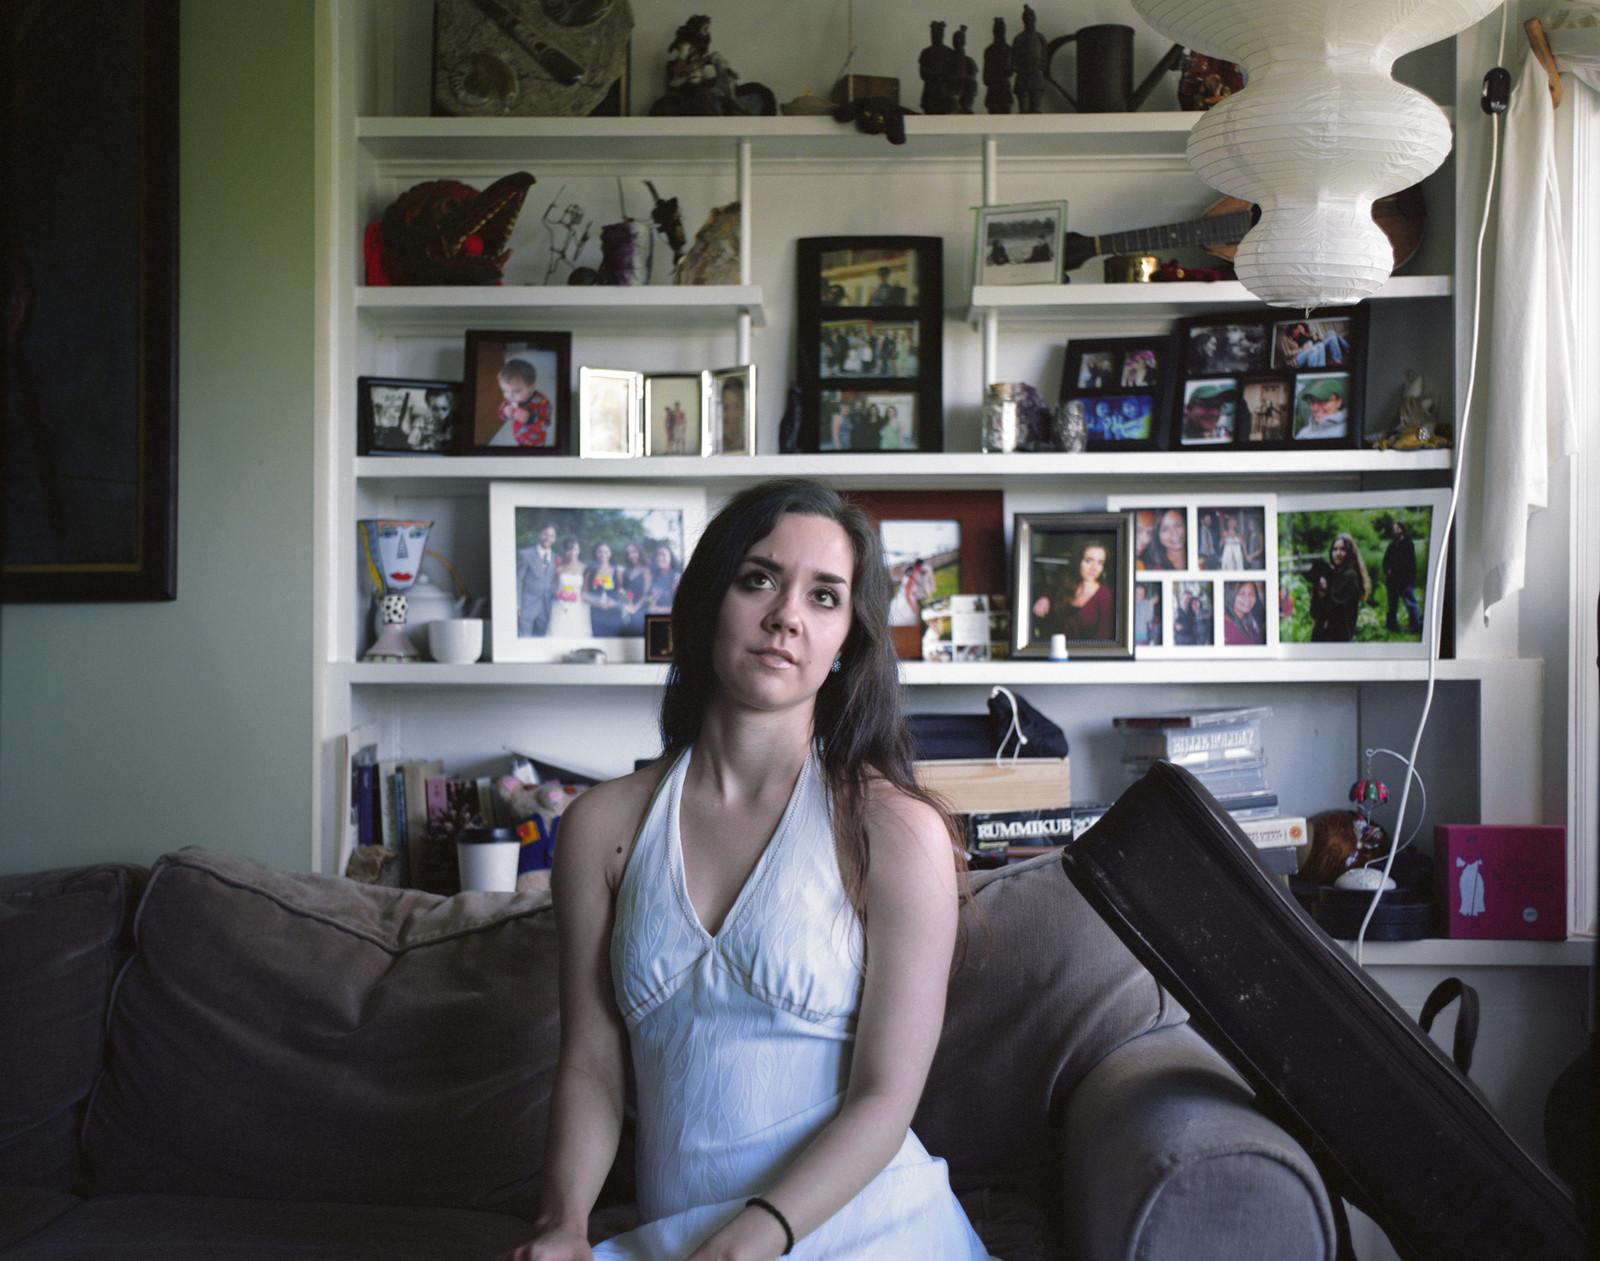 Rebecca-1,xlarge.1368166401.jpg